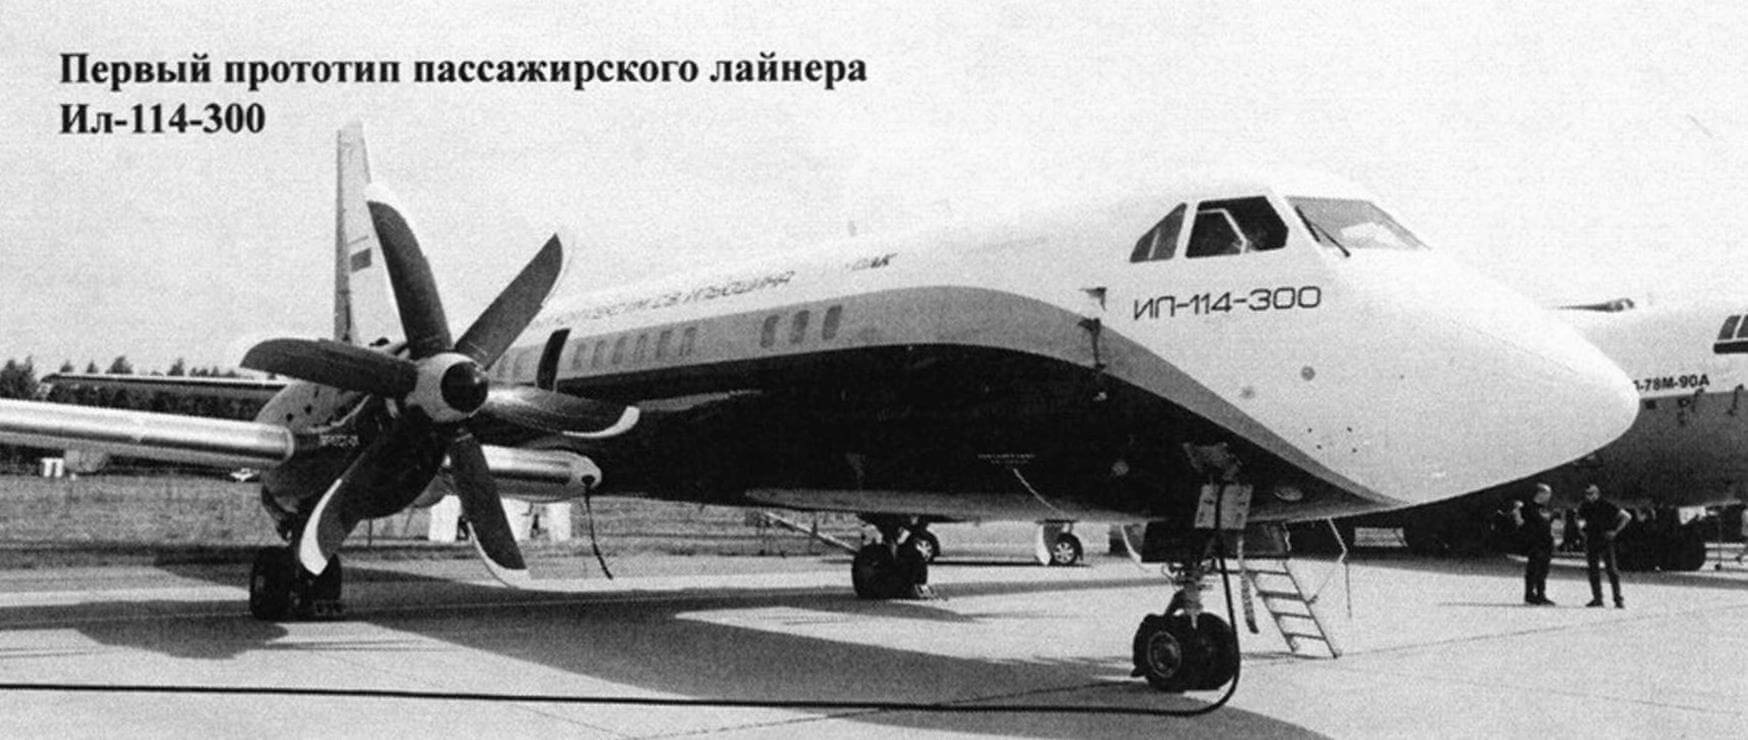 Первый прототип пассажирского лайнера Ил-114-300